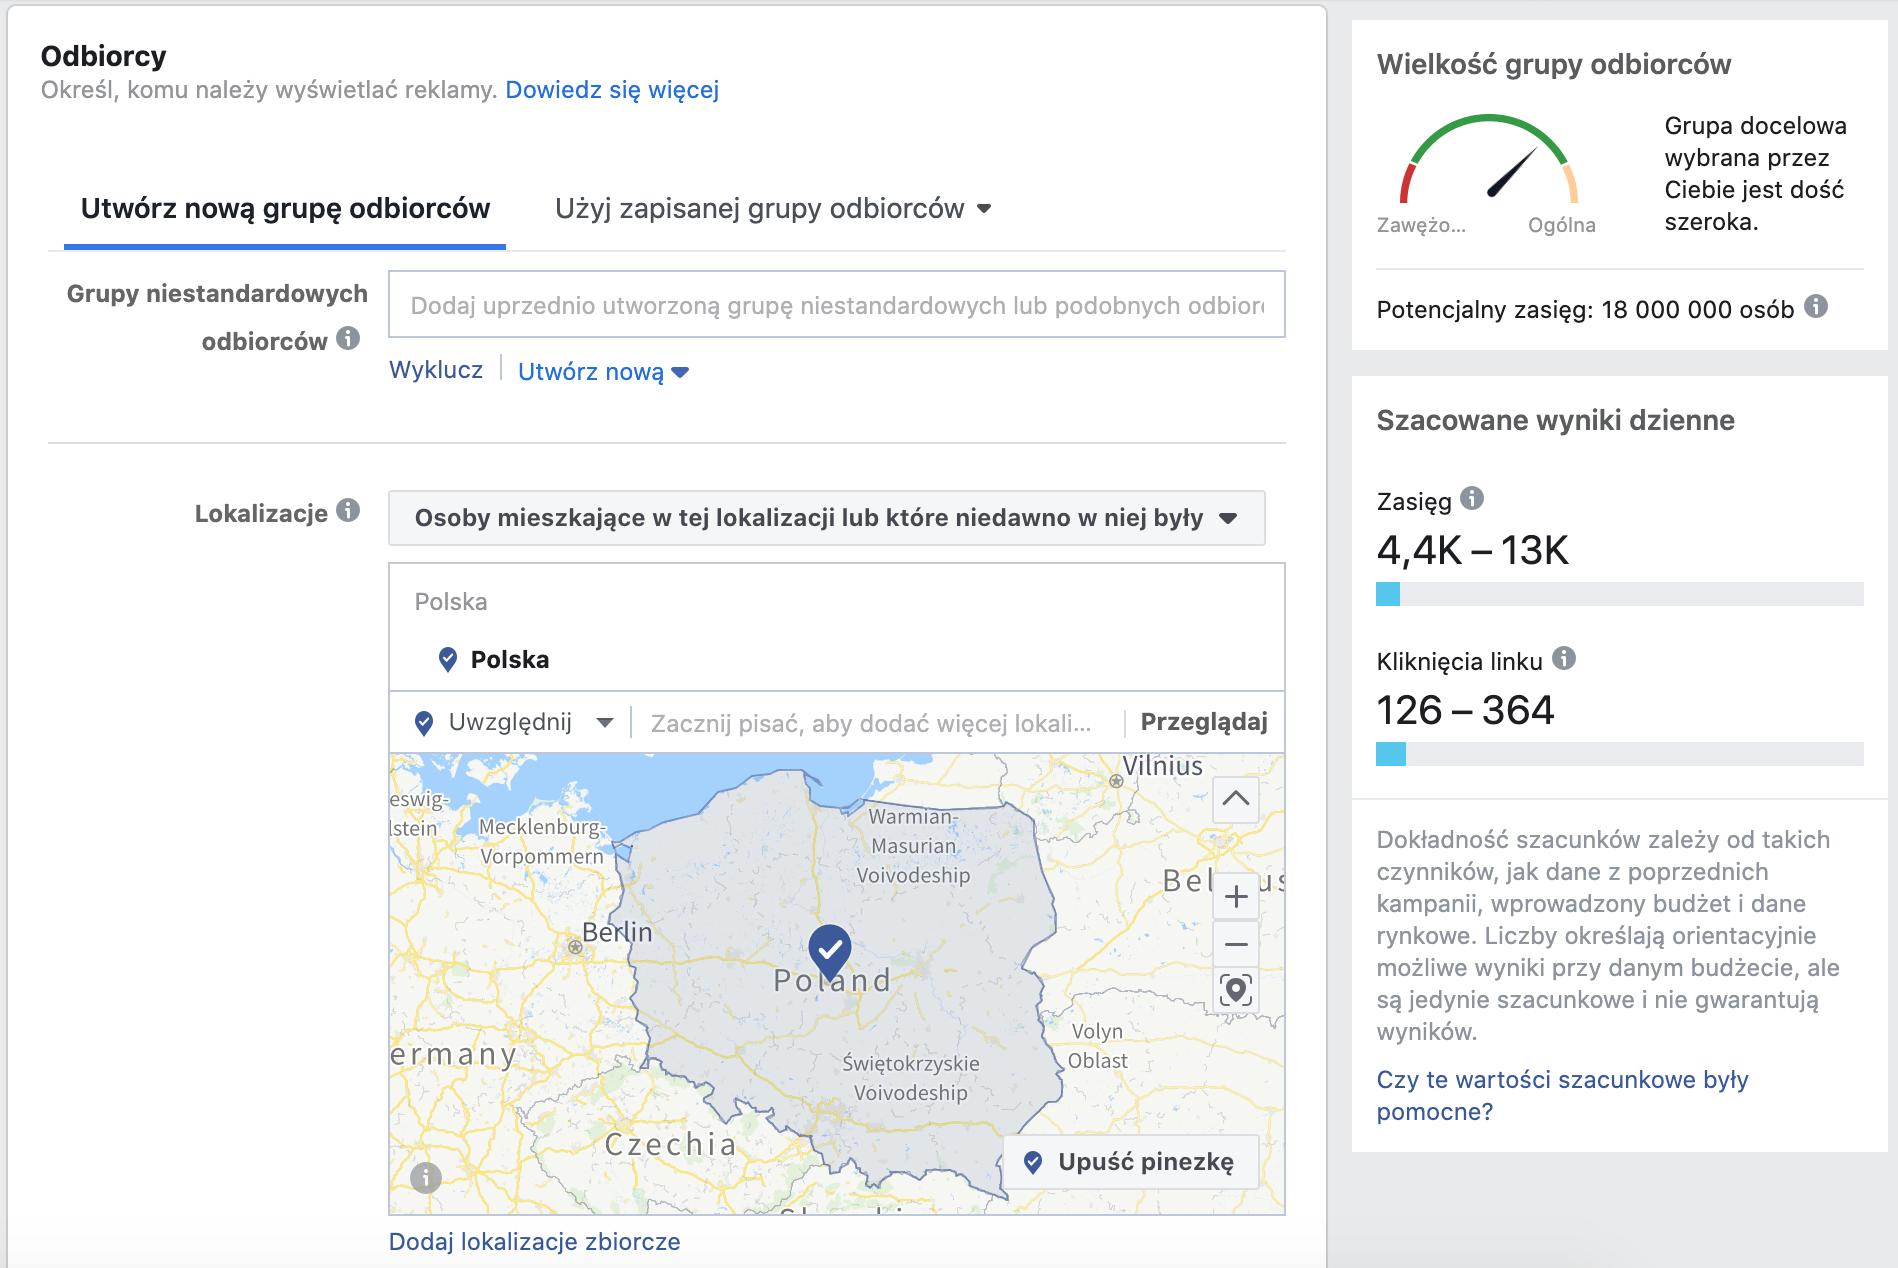 Określanie odbiorców w reklamie na Facebooku